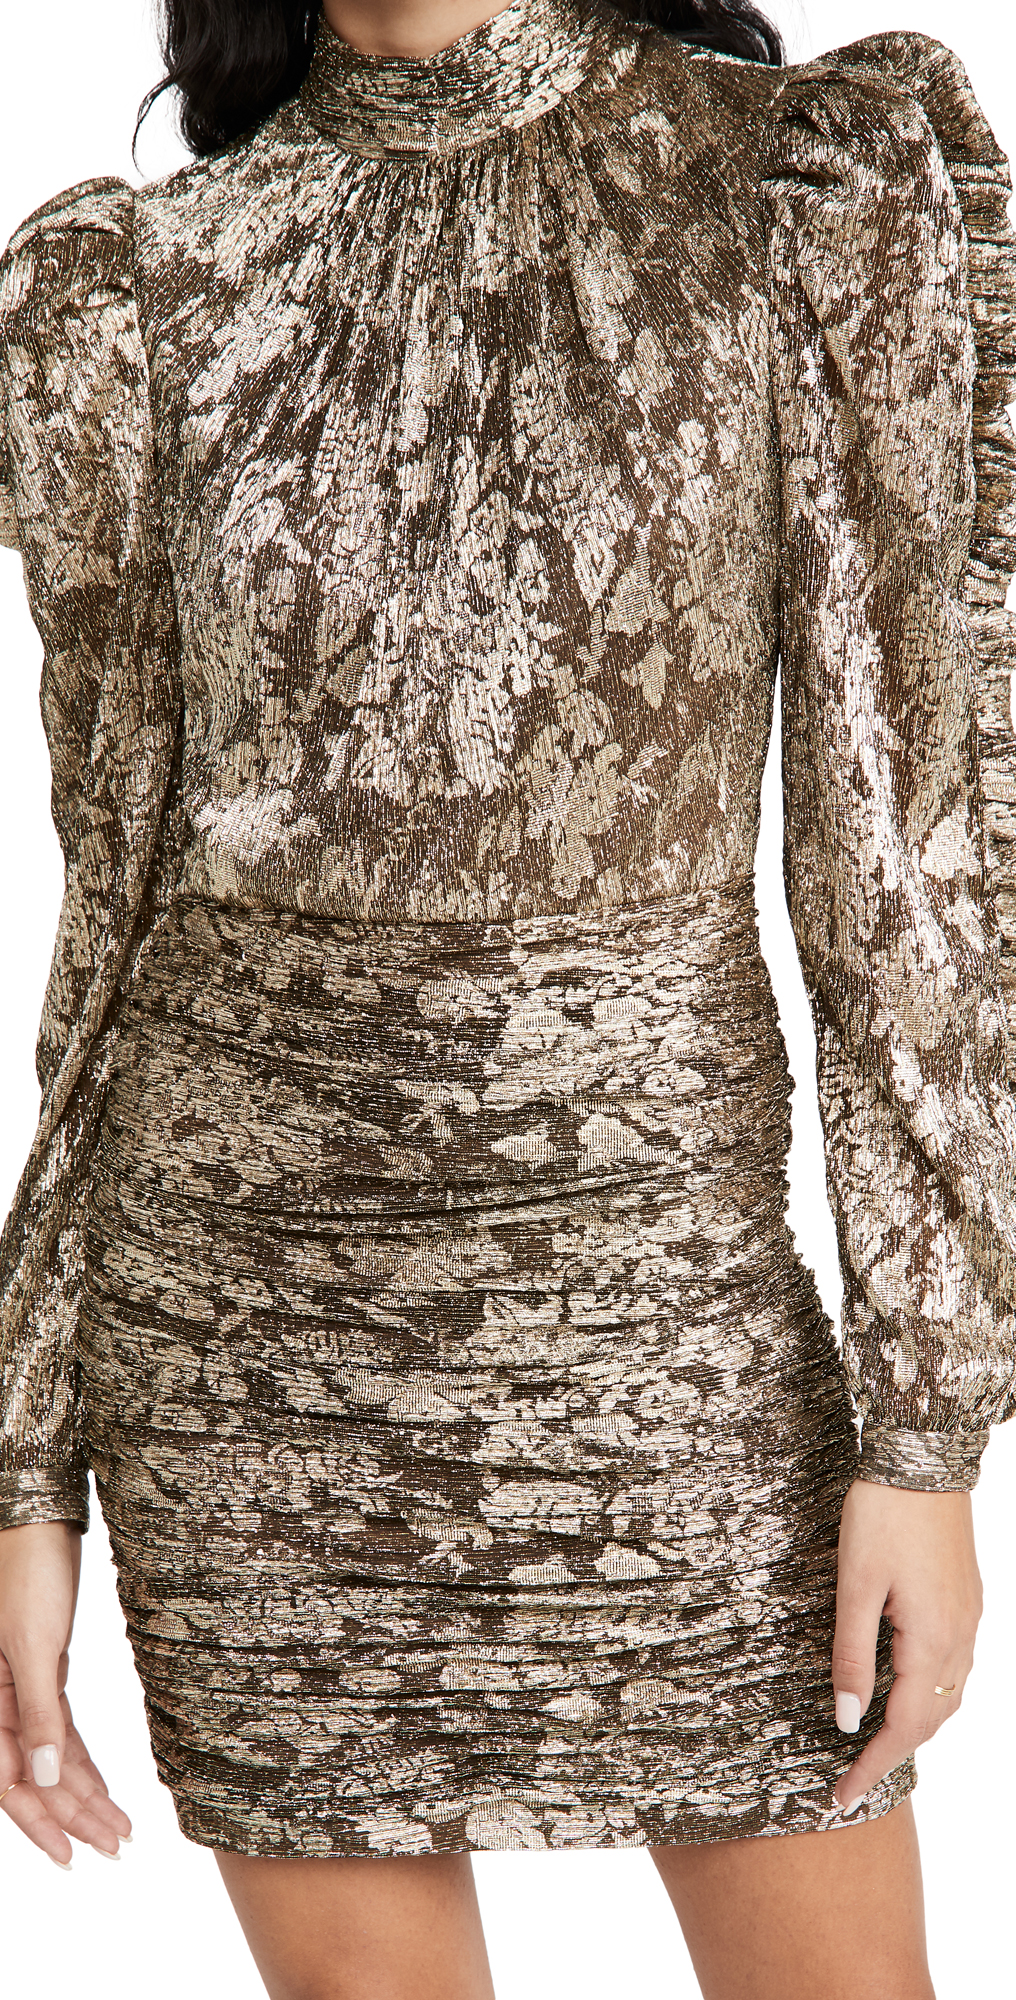 Jonathan Simkhai Ashe Metallic Plisse Mini Dress